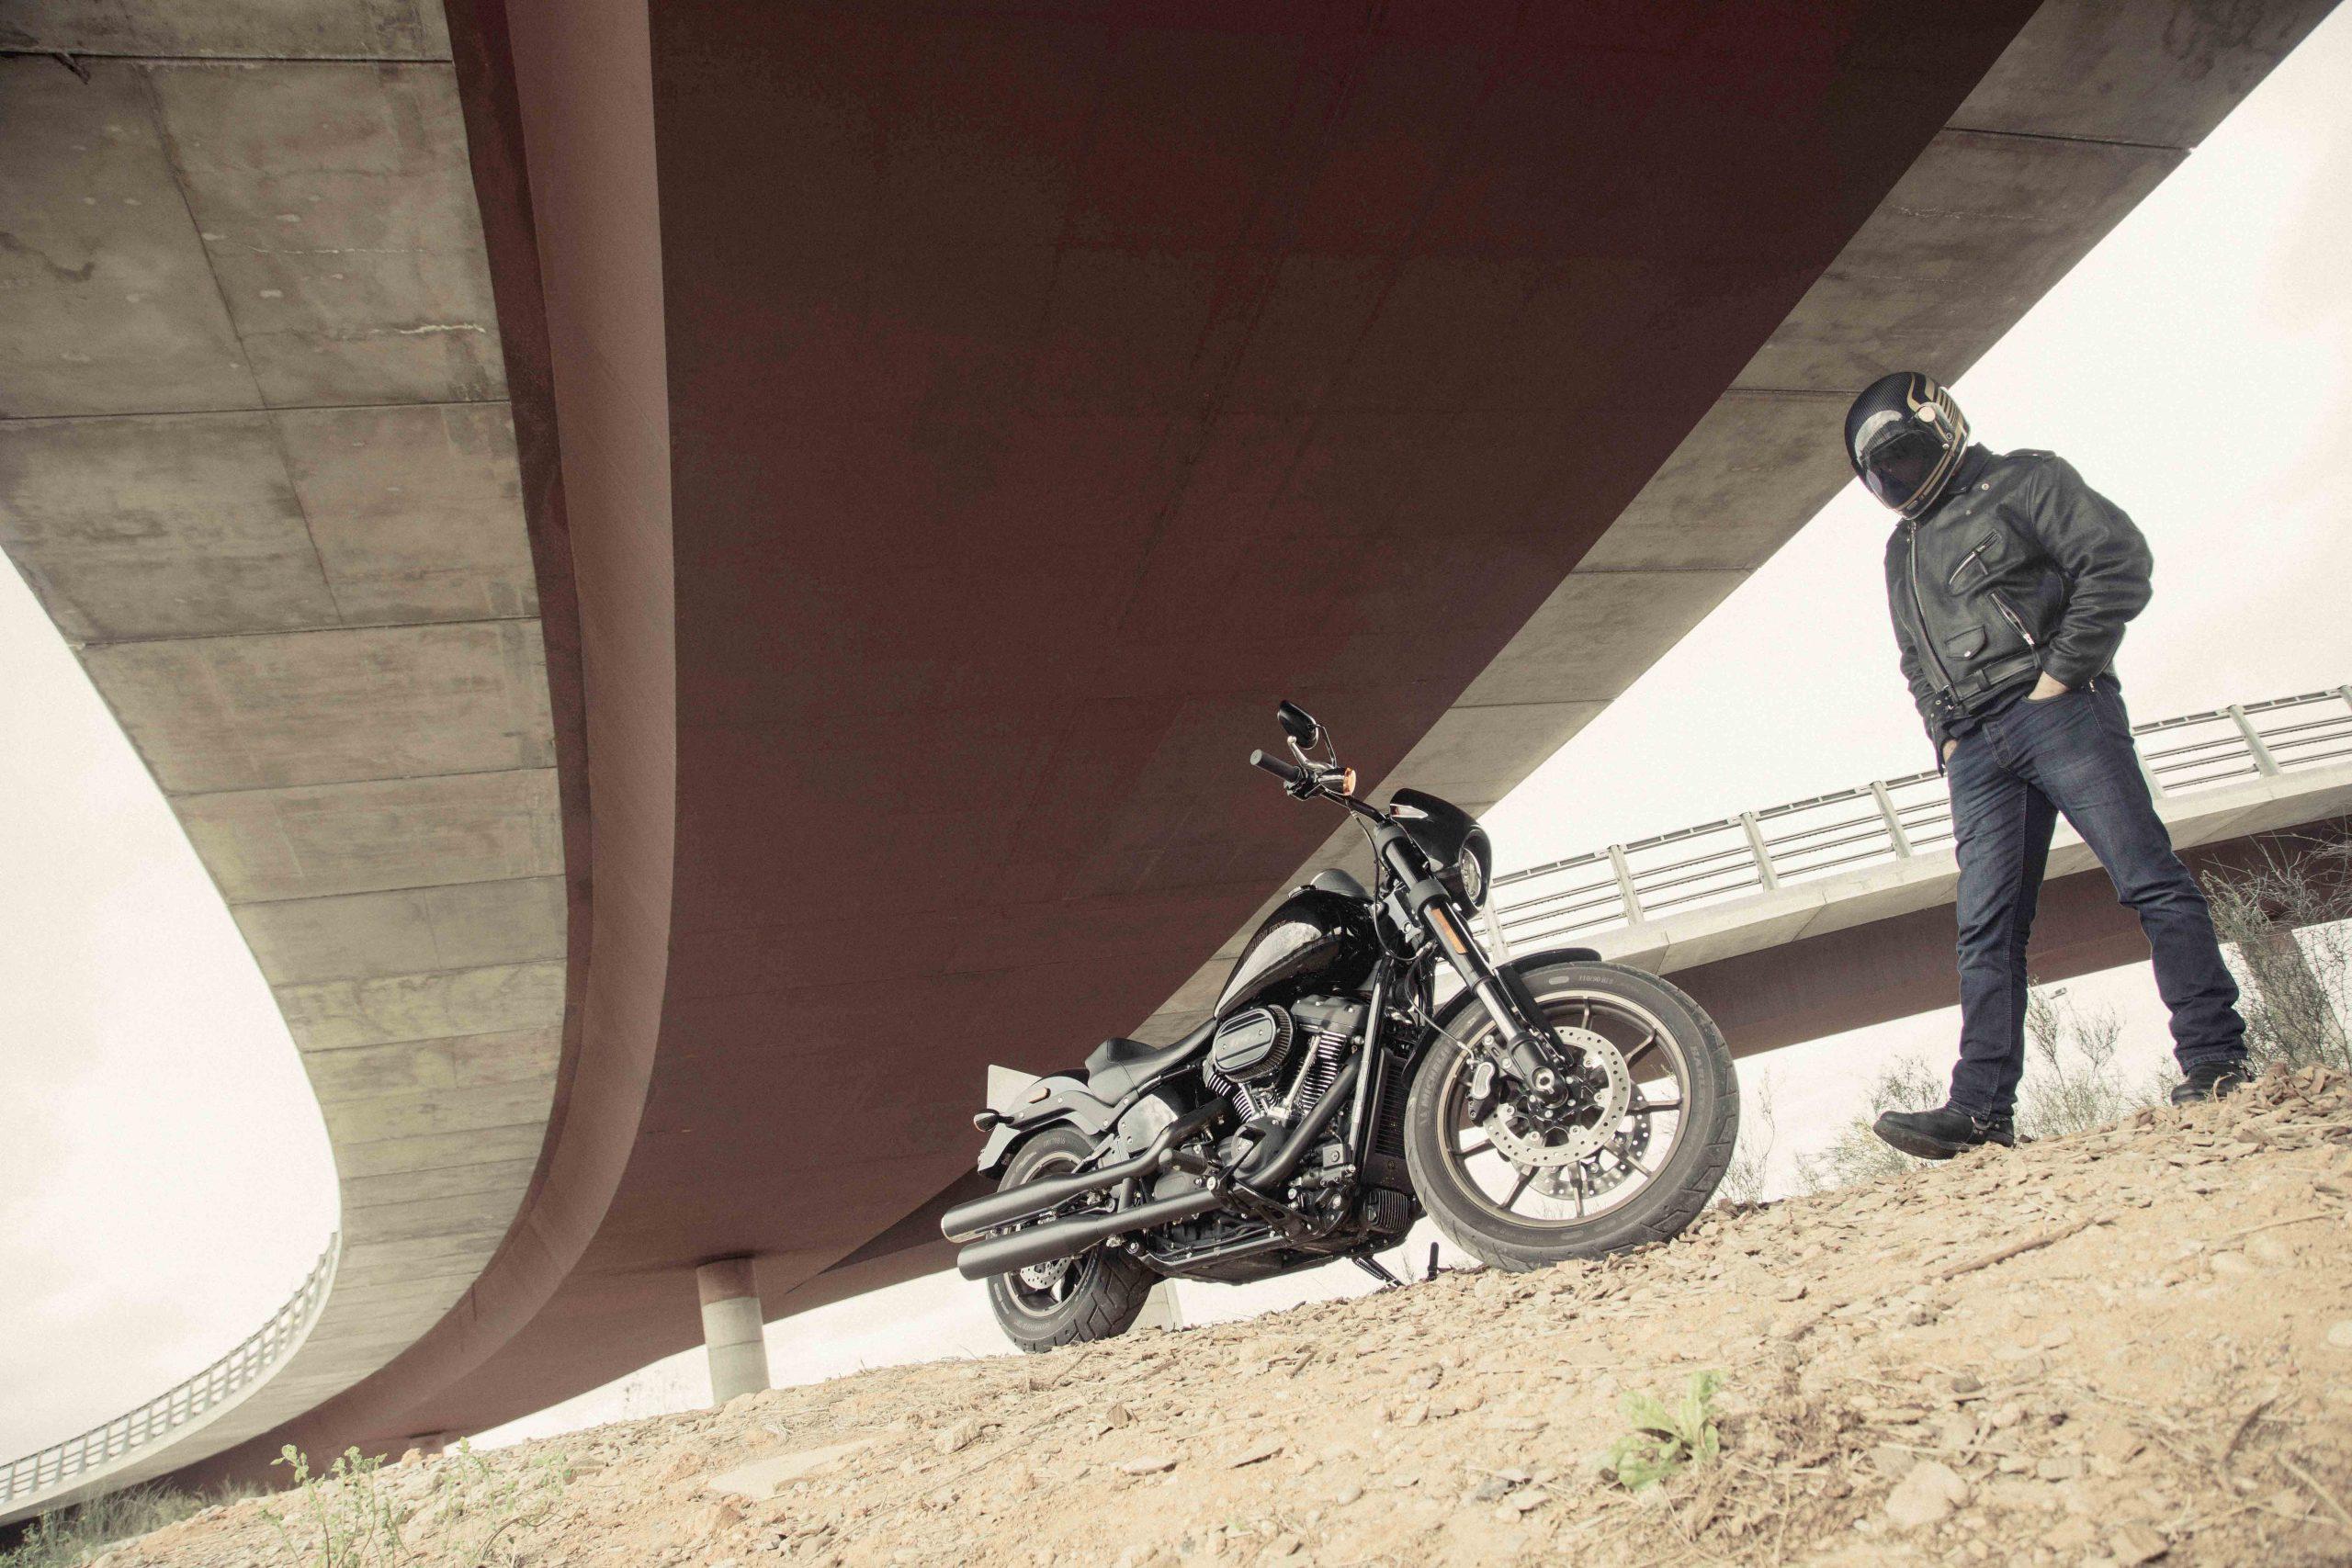 10fotografia-motos-motor-motosnet-dosruedas-fotografa-barcelona-motocicleta-harley